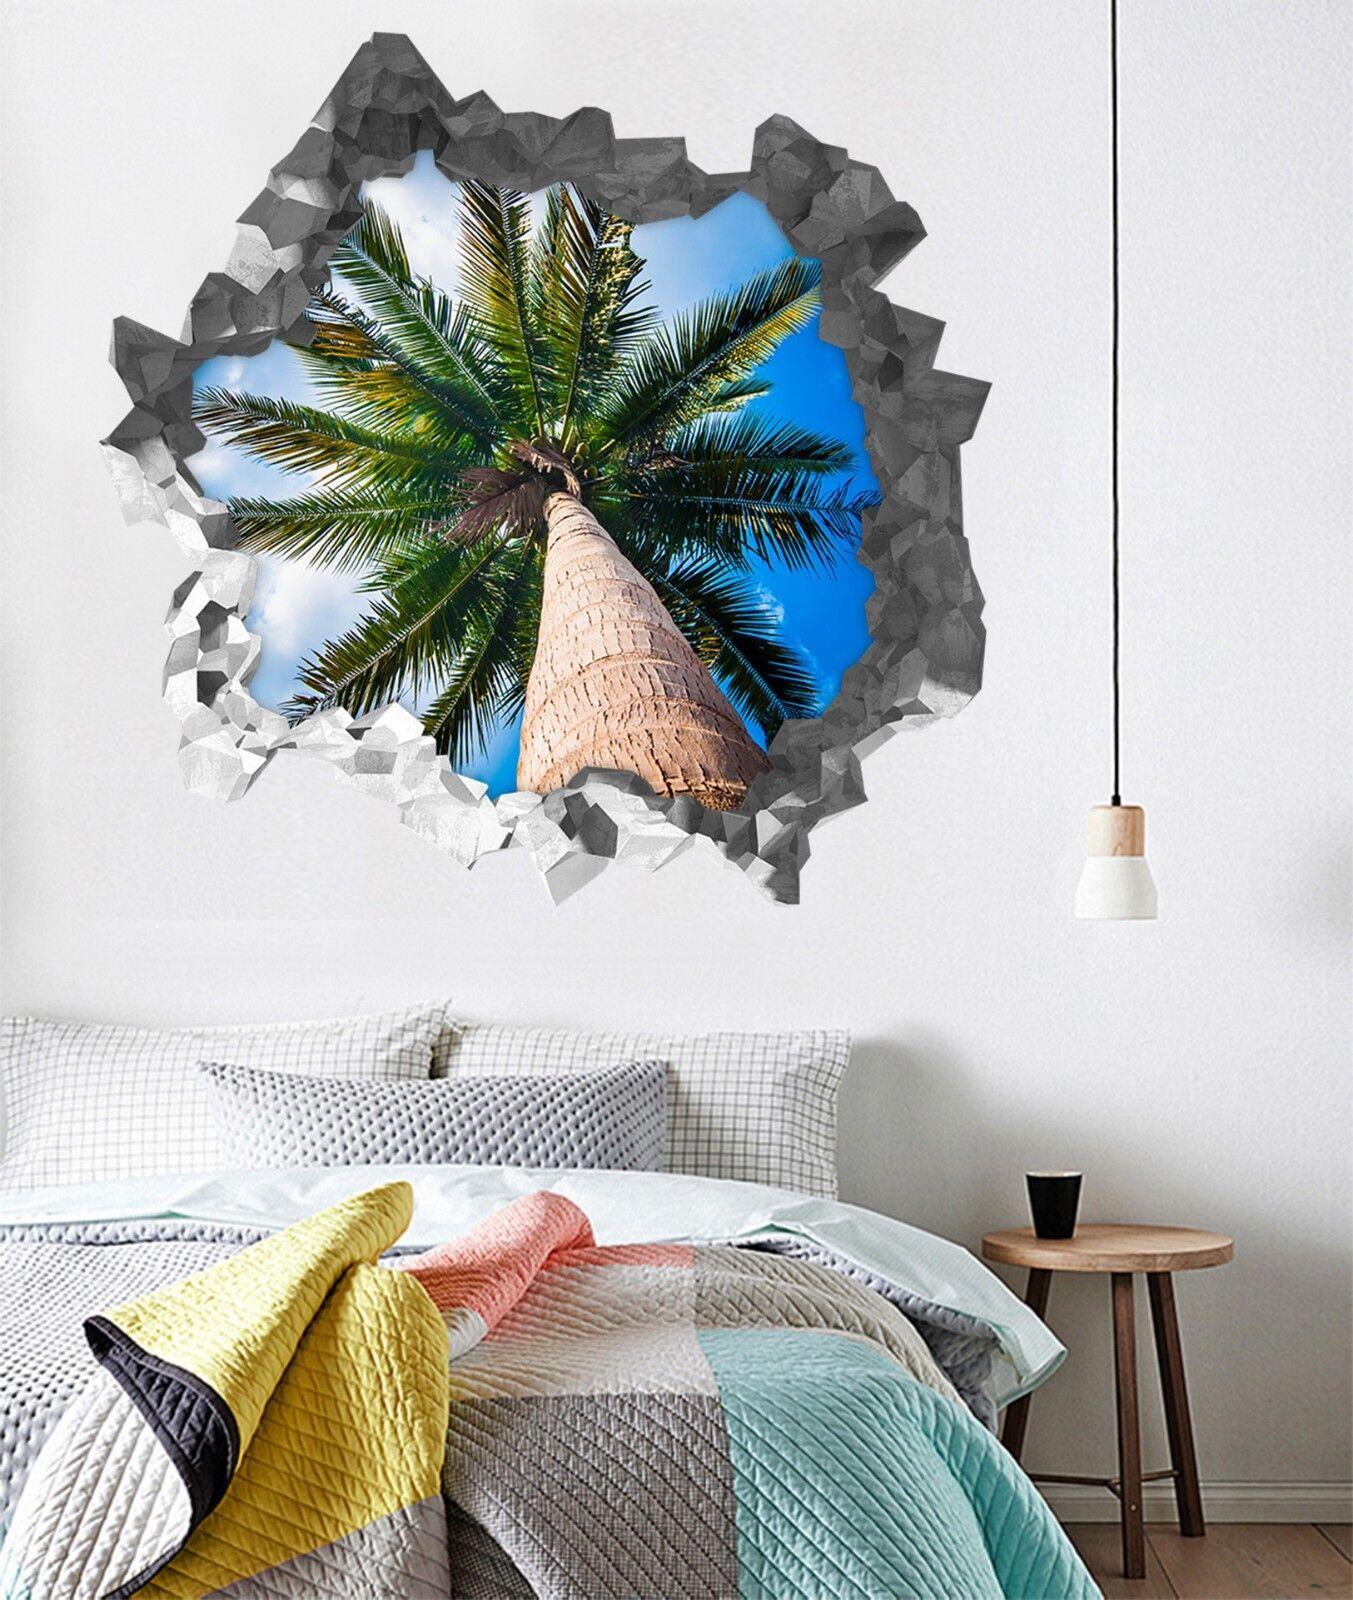 3D Kokosnussbaum 35 Mauer Murals Mauer Aufklebe Decal Durchbruch AJ WALLPAPER DE